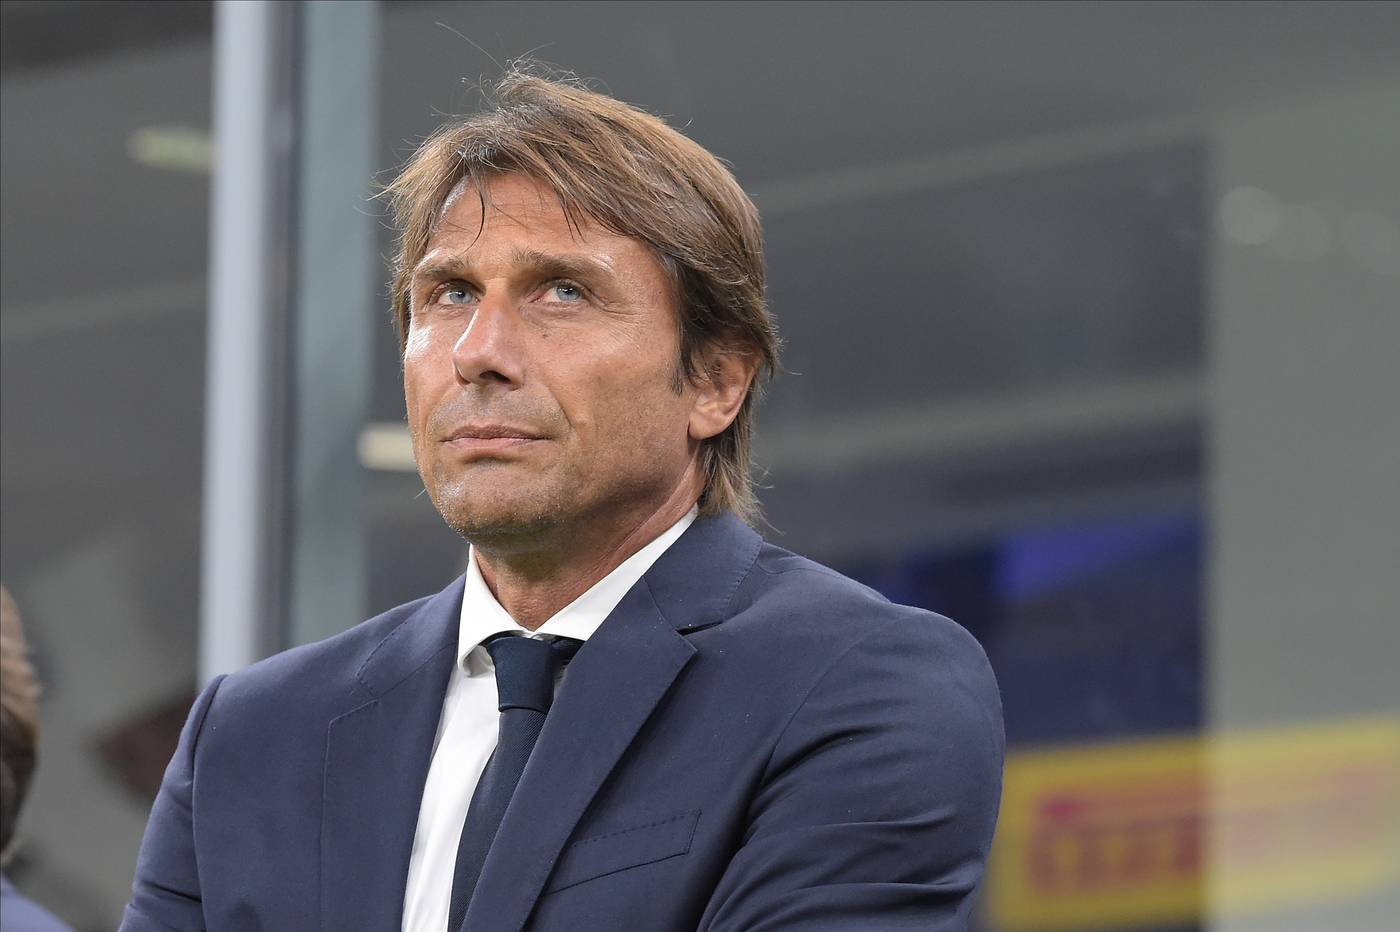 L'Inter Di Conte Non Sa Vincere I Big Match